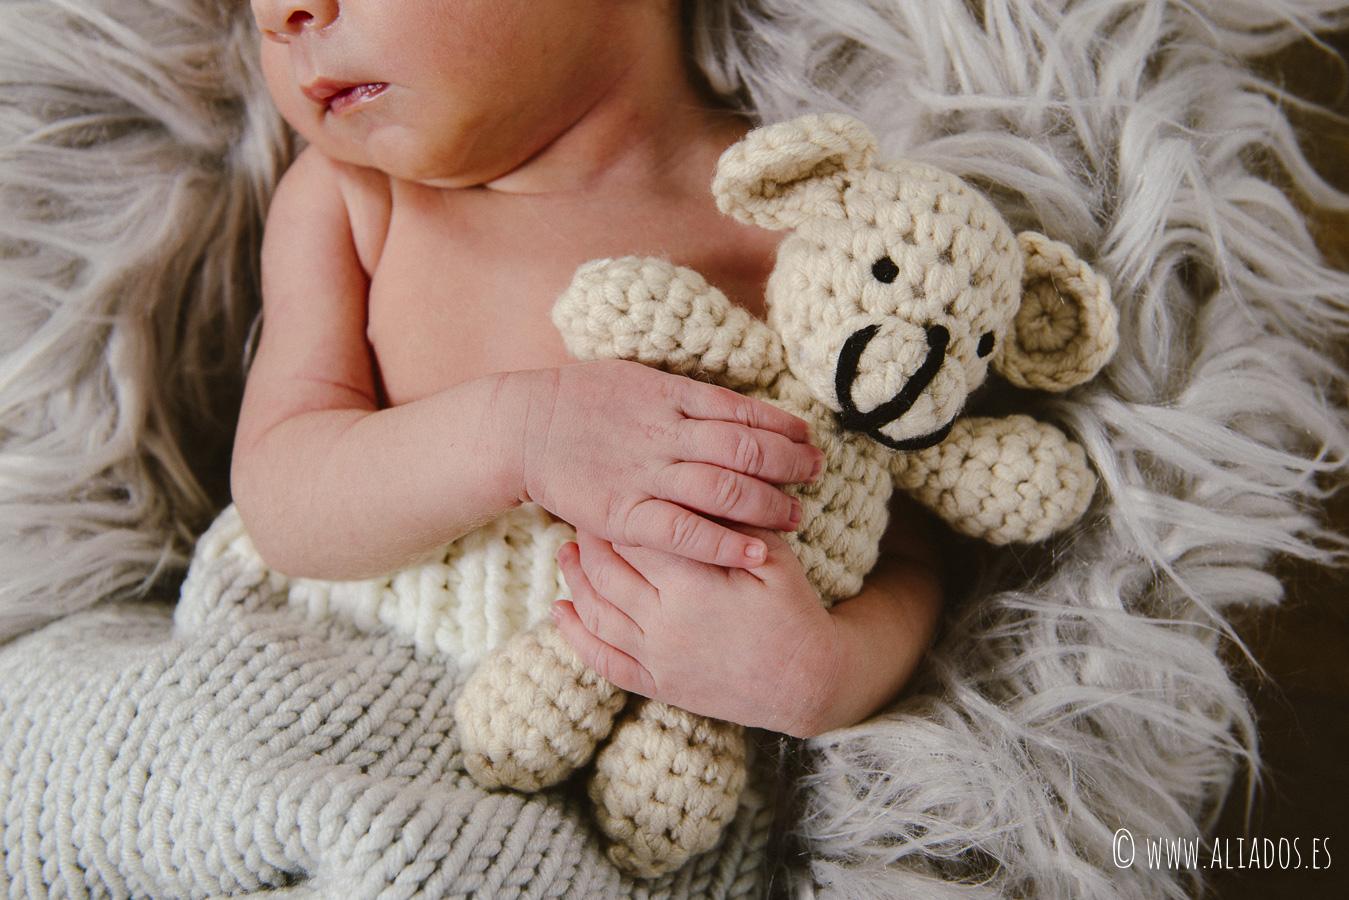 Sesiones de Recién Nacido Newborn